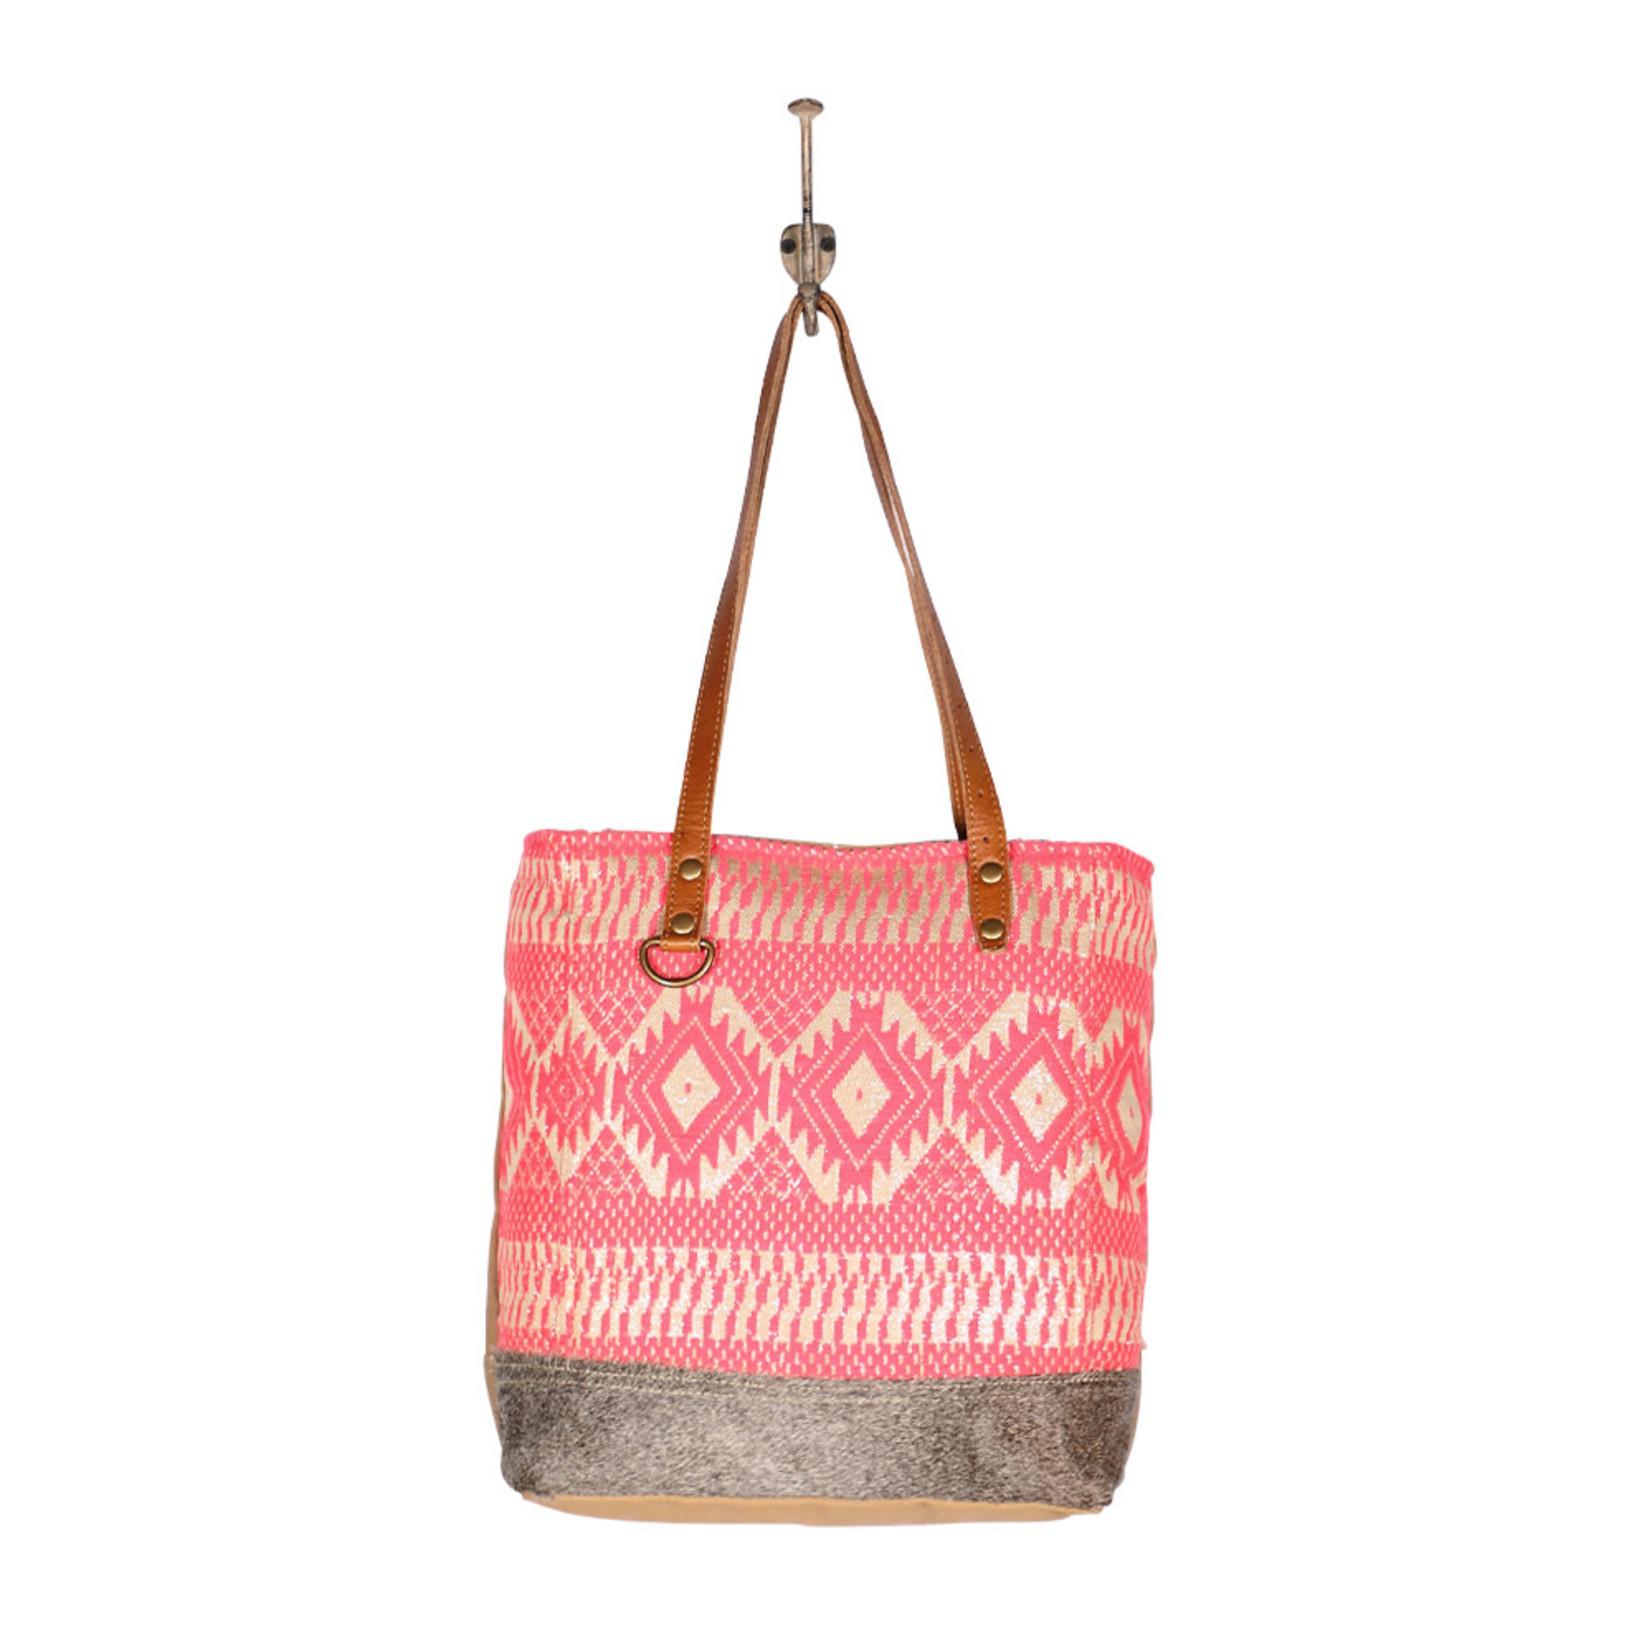 Myra Bags S-1956 Pink Blessings Tote Bag